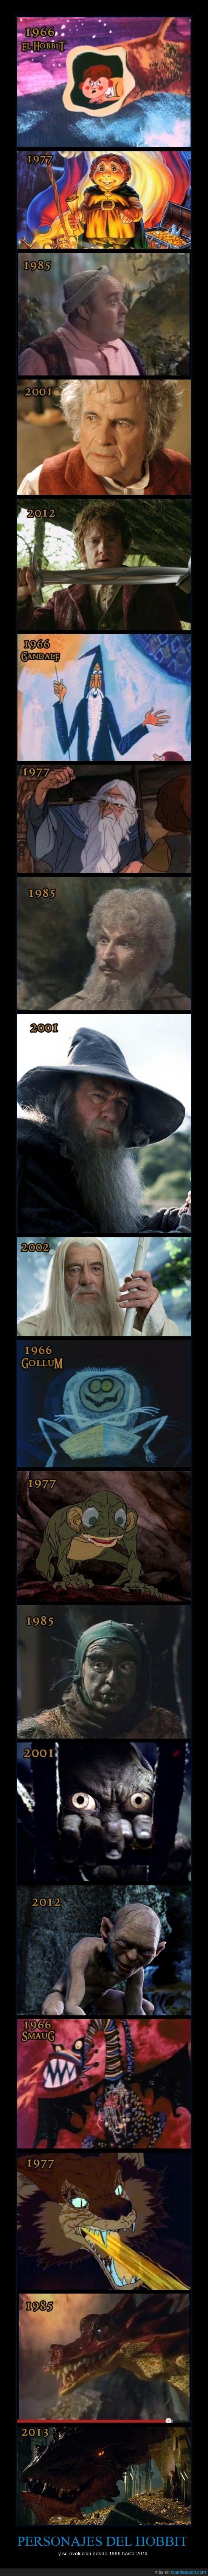 Bilbo,cutre,dragon,El Hobbit,Evolución,Gandalf,Gollum,smaug